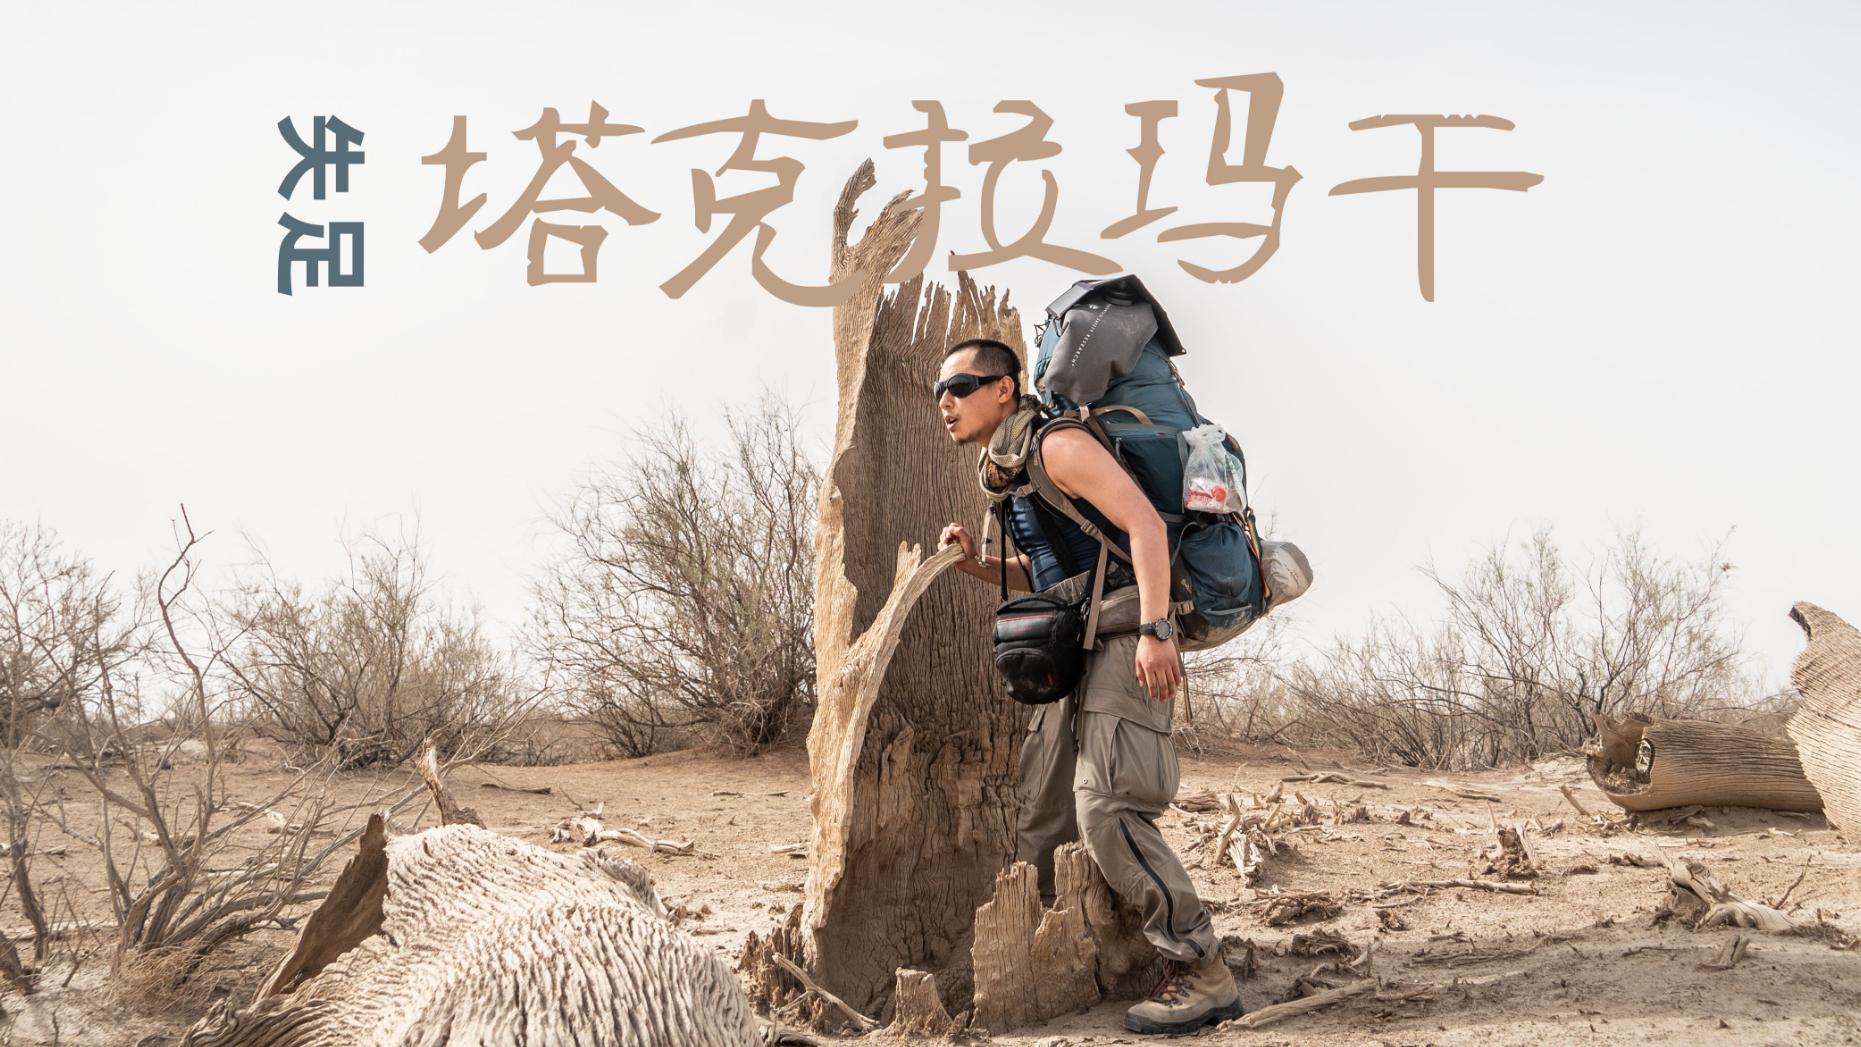 【出道616】流浪新疆 | 去塔克拉玛干沙漠给AcFun送上诚挚而干涸的祝福,生快!